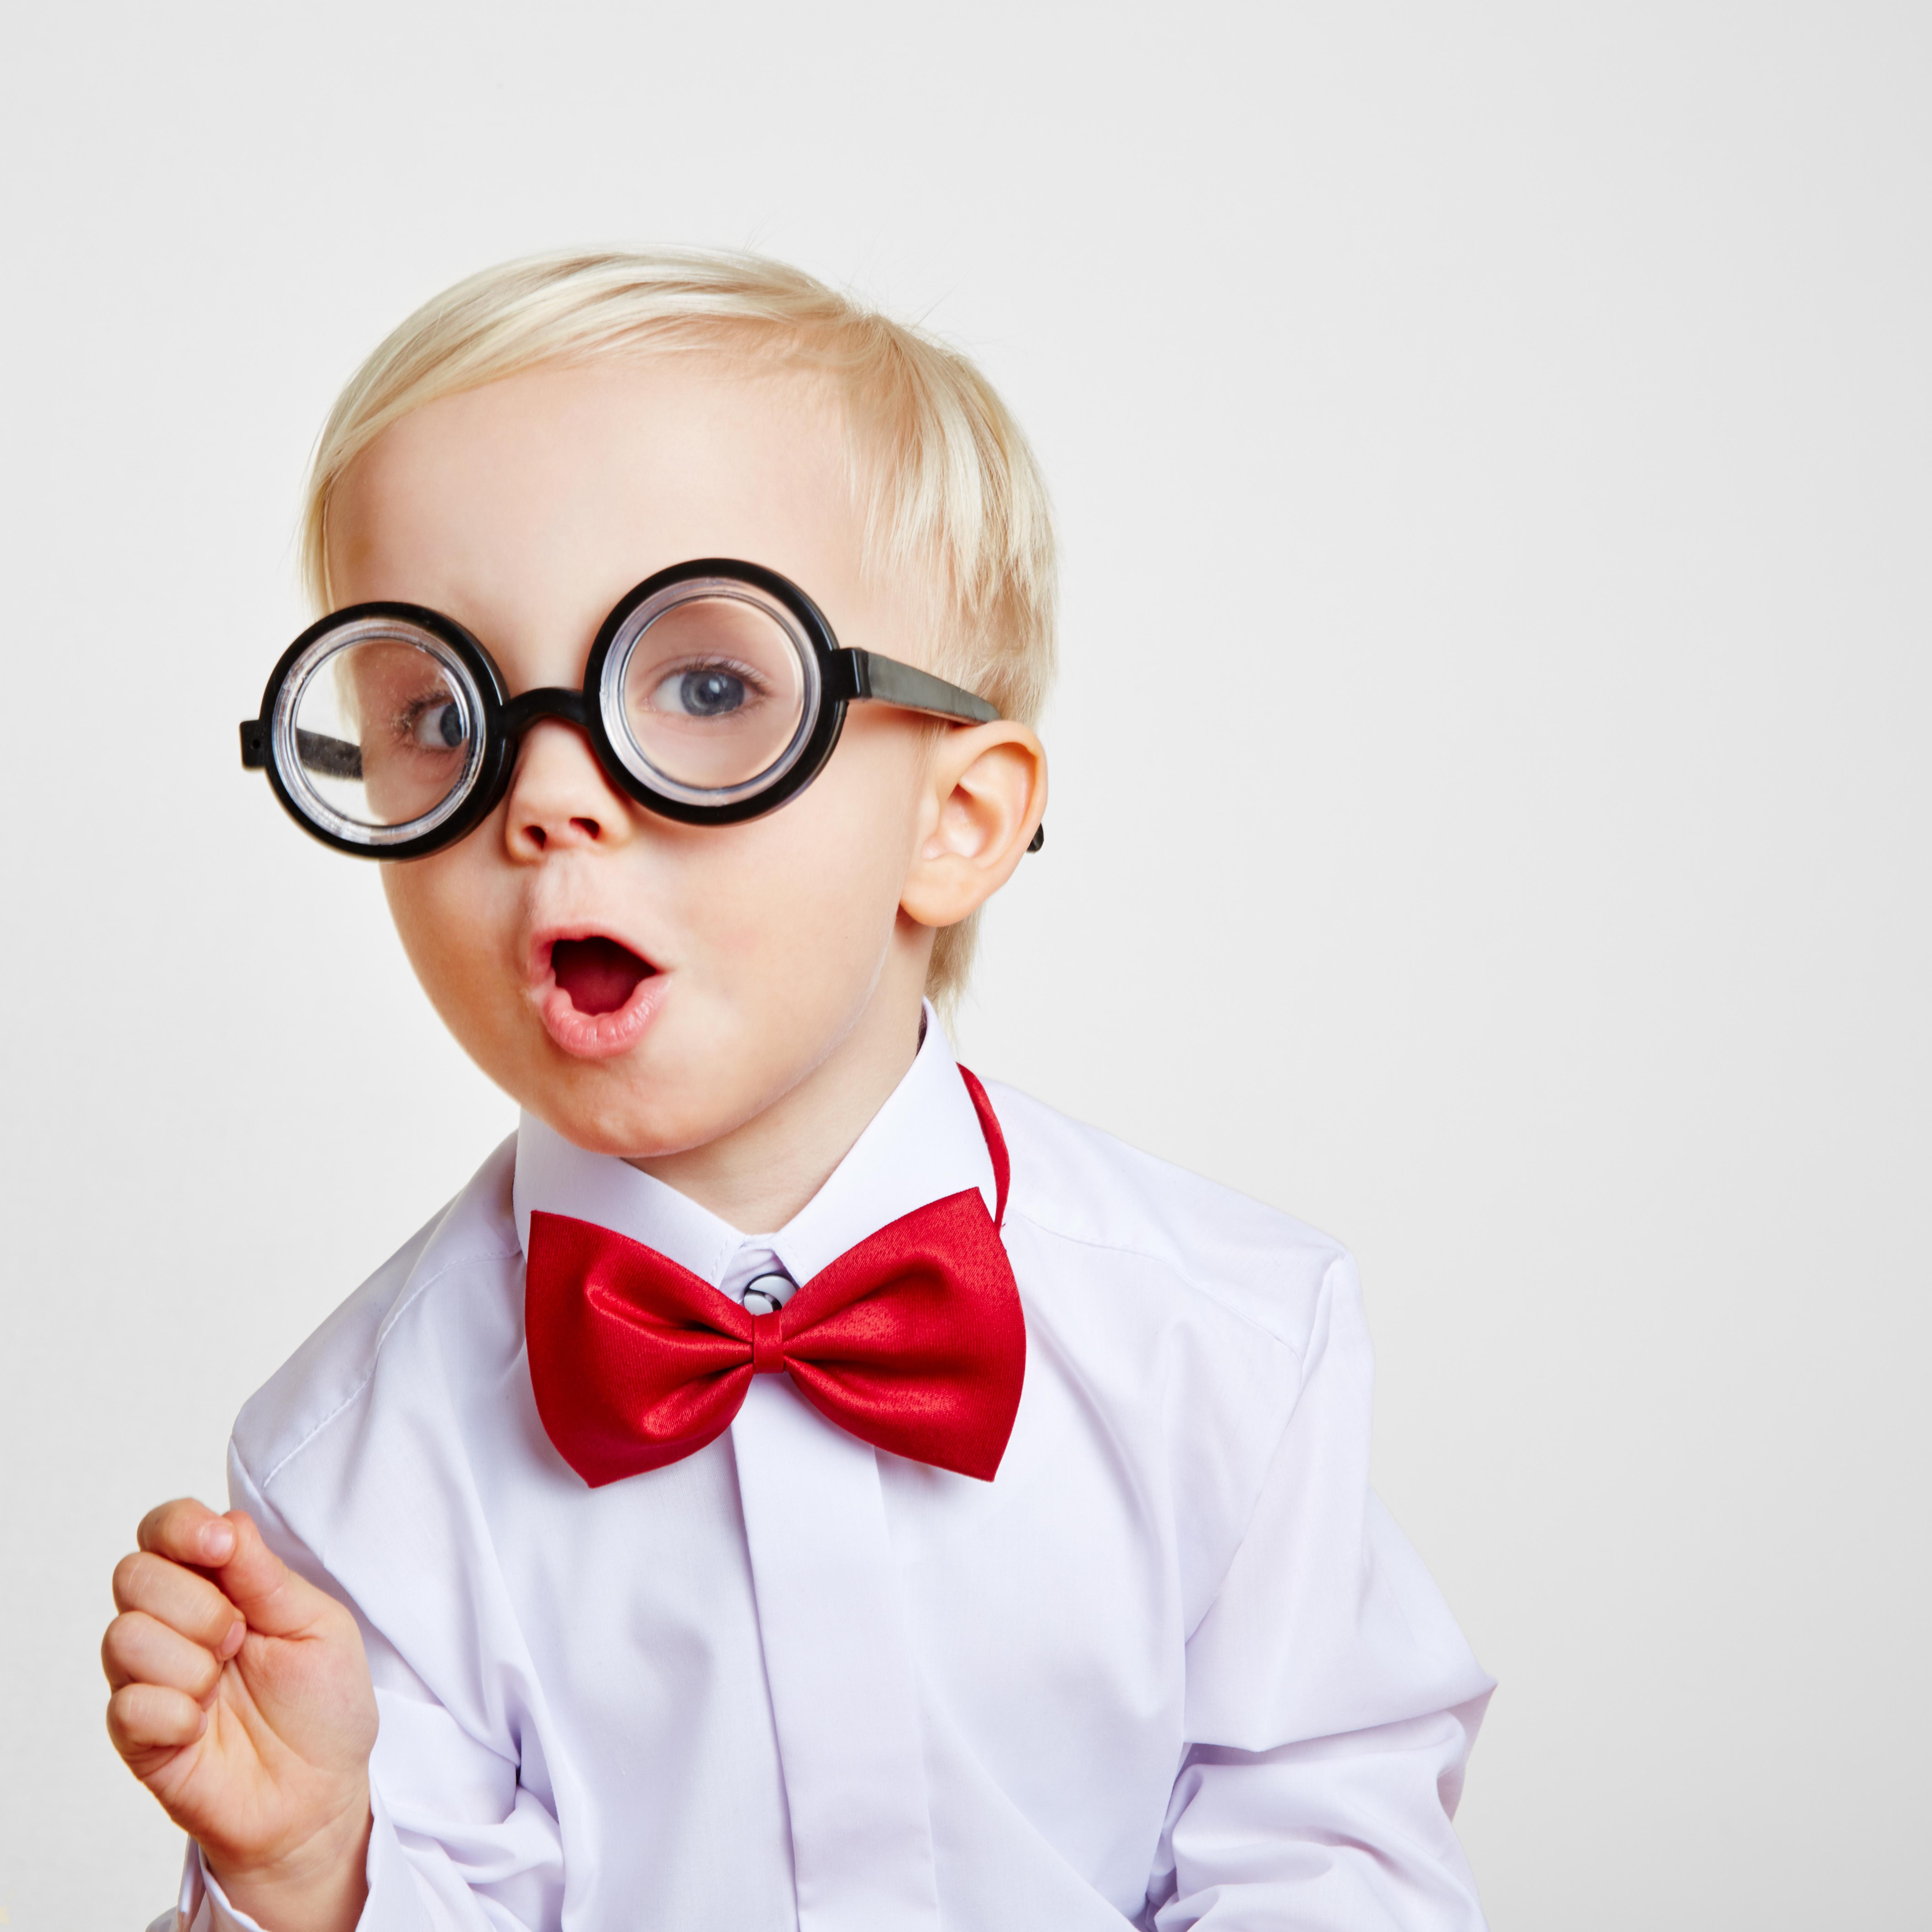 Kind mit einer roten Fliege und einer dicken Hornbrille